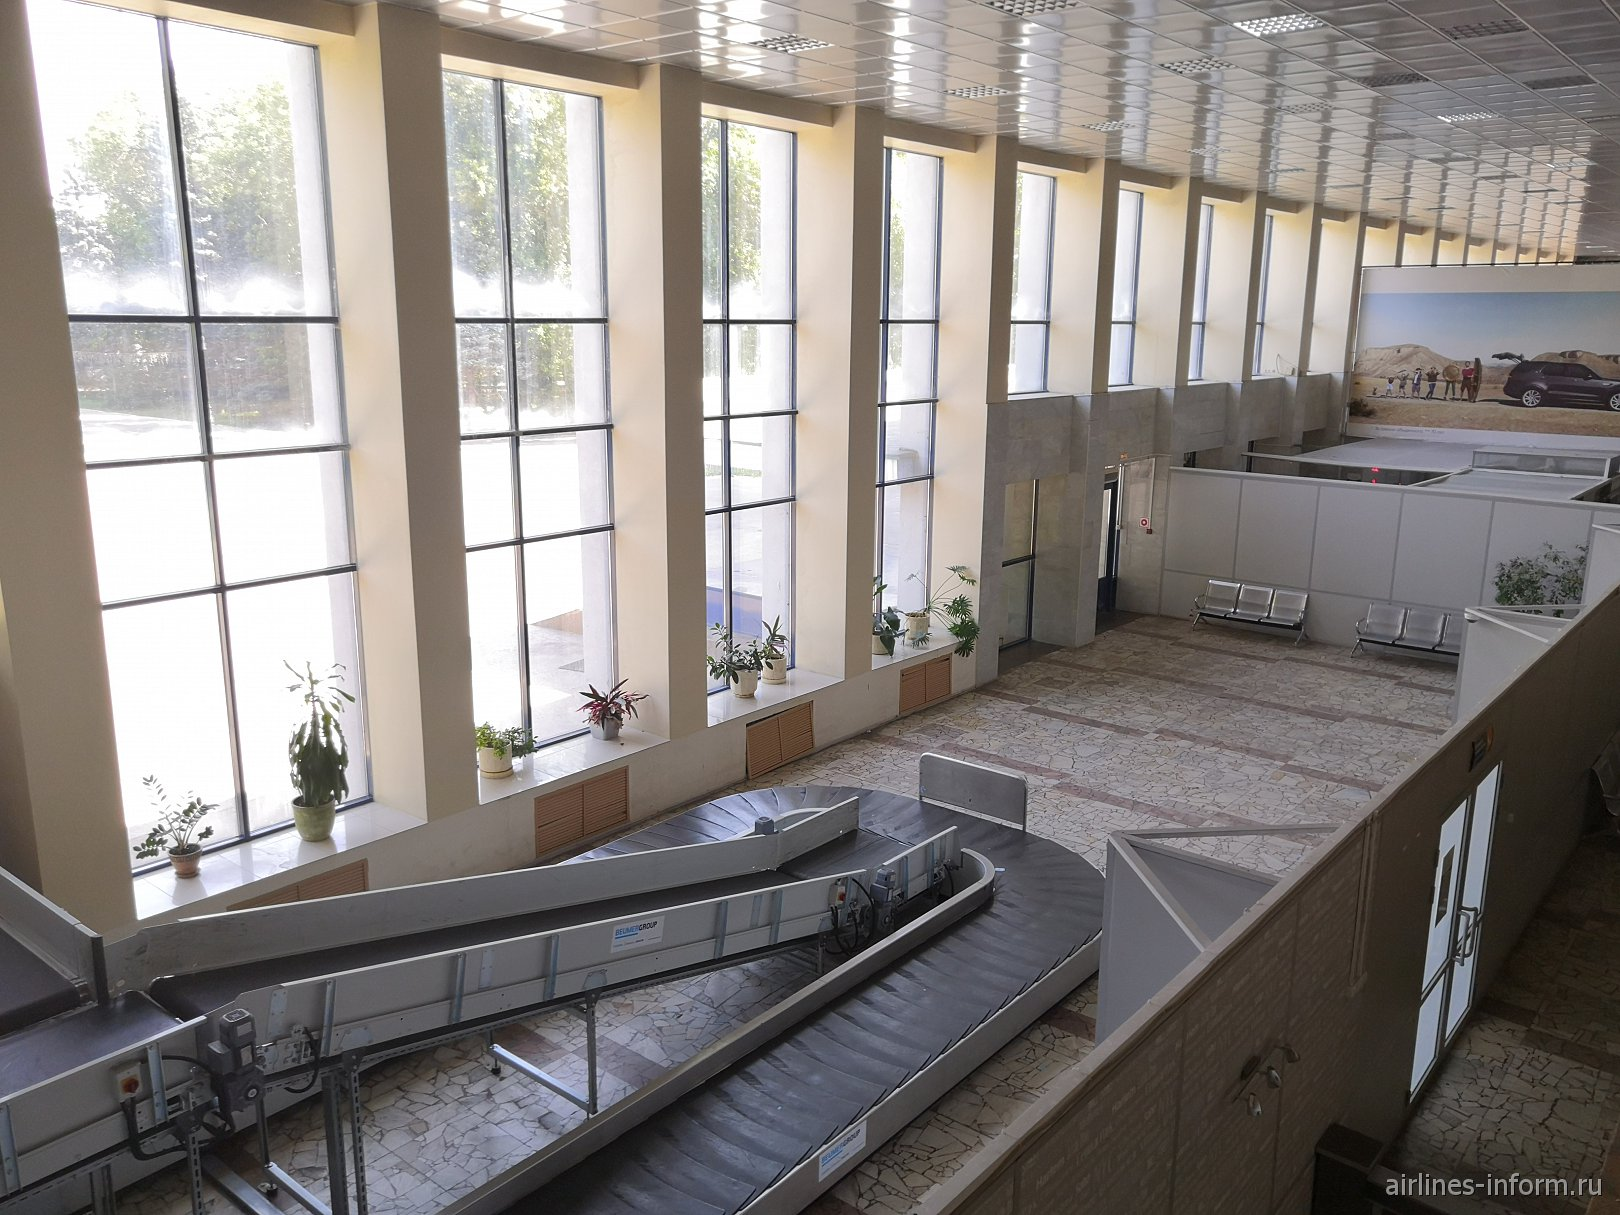 Зал выдачи багажа в аэропорту Саратов Центральный